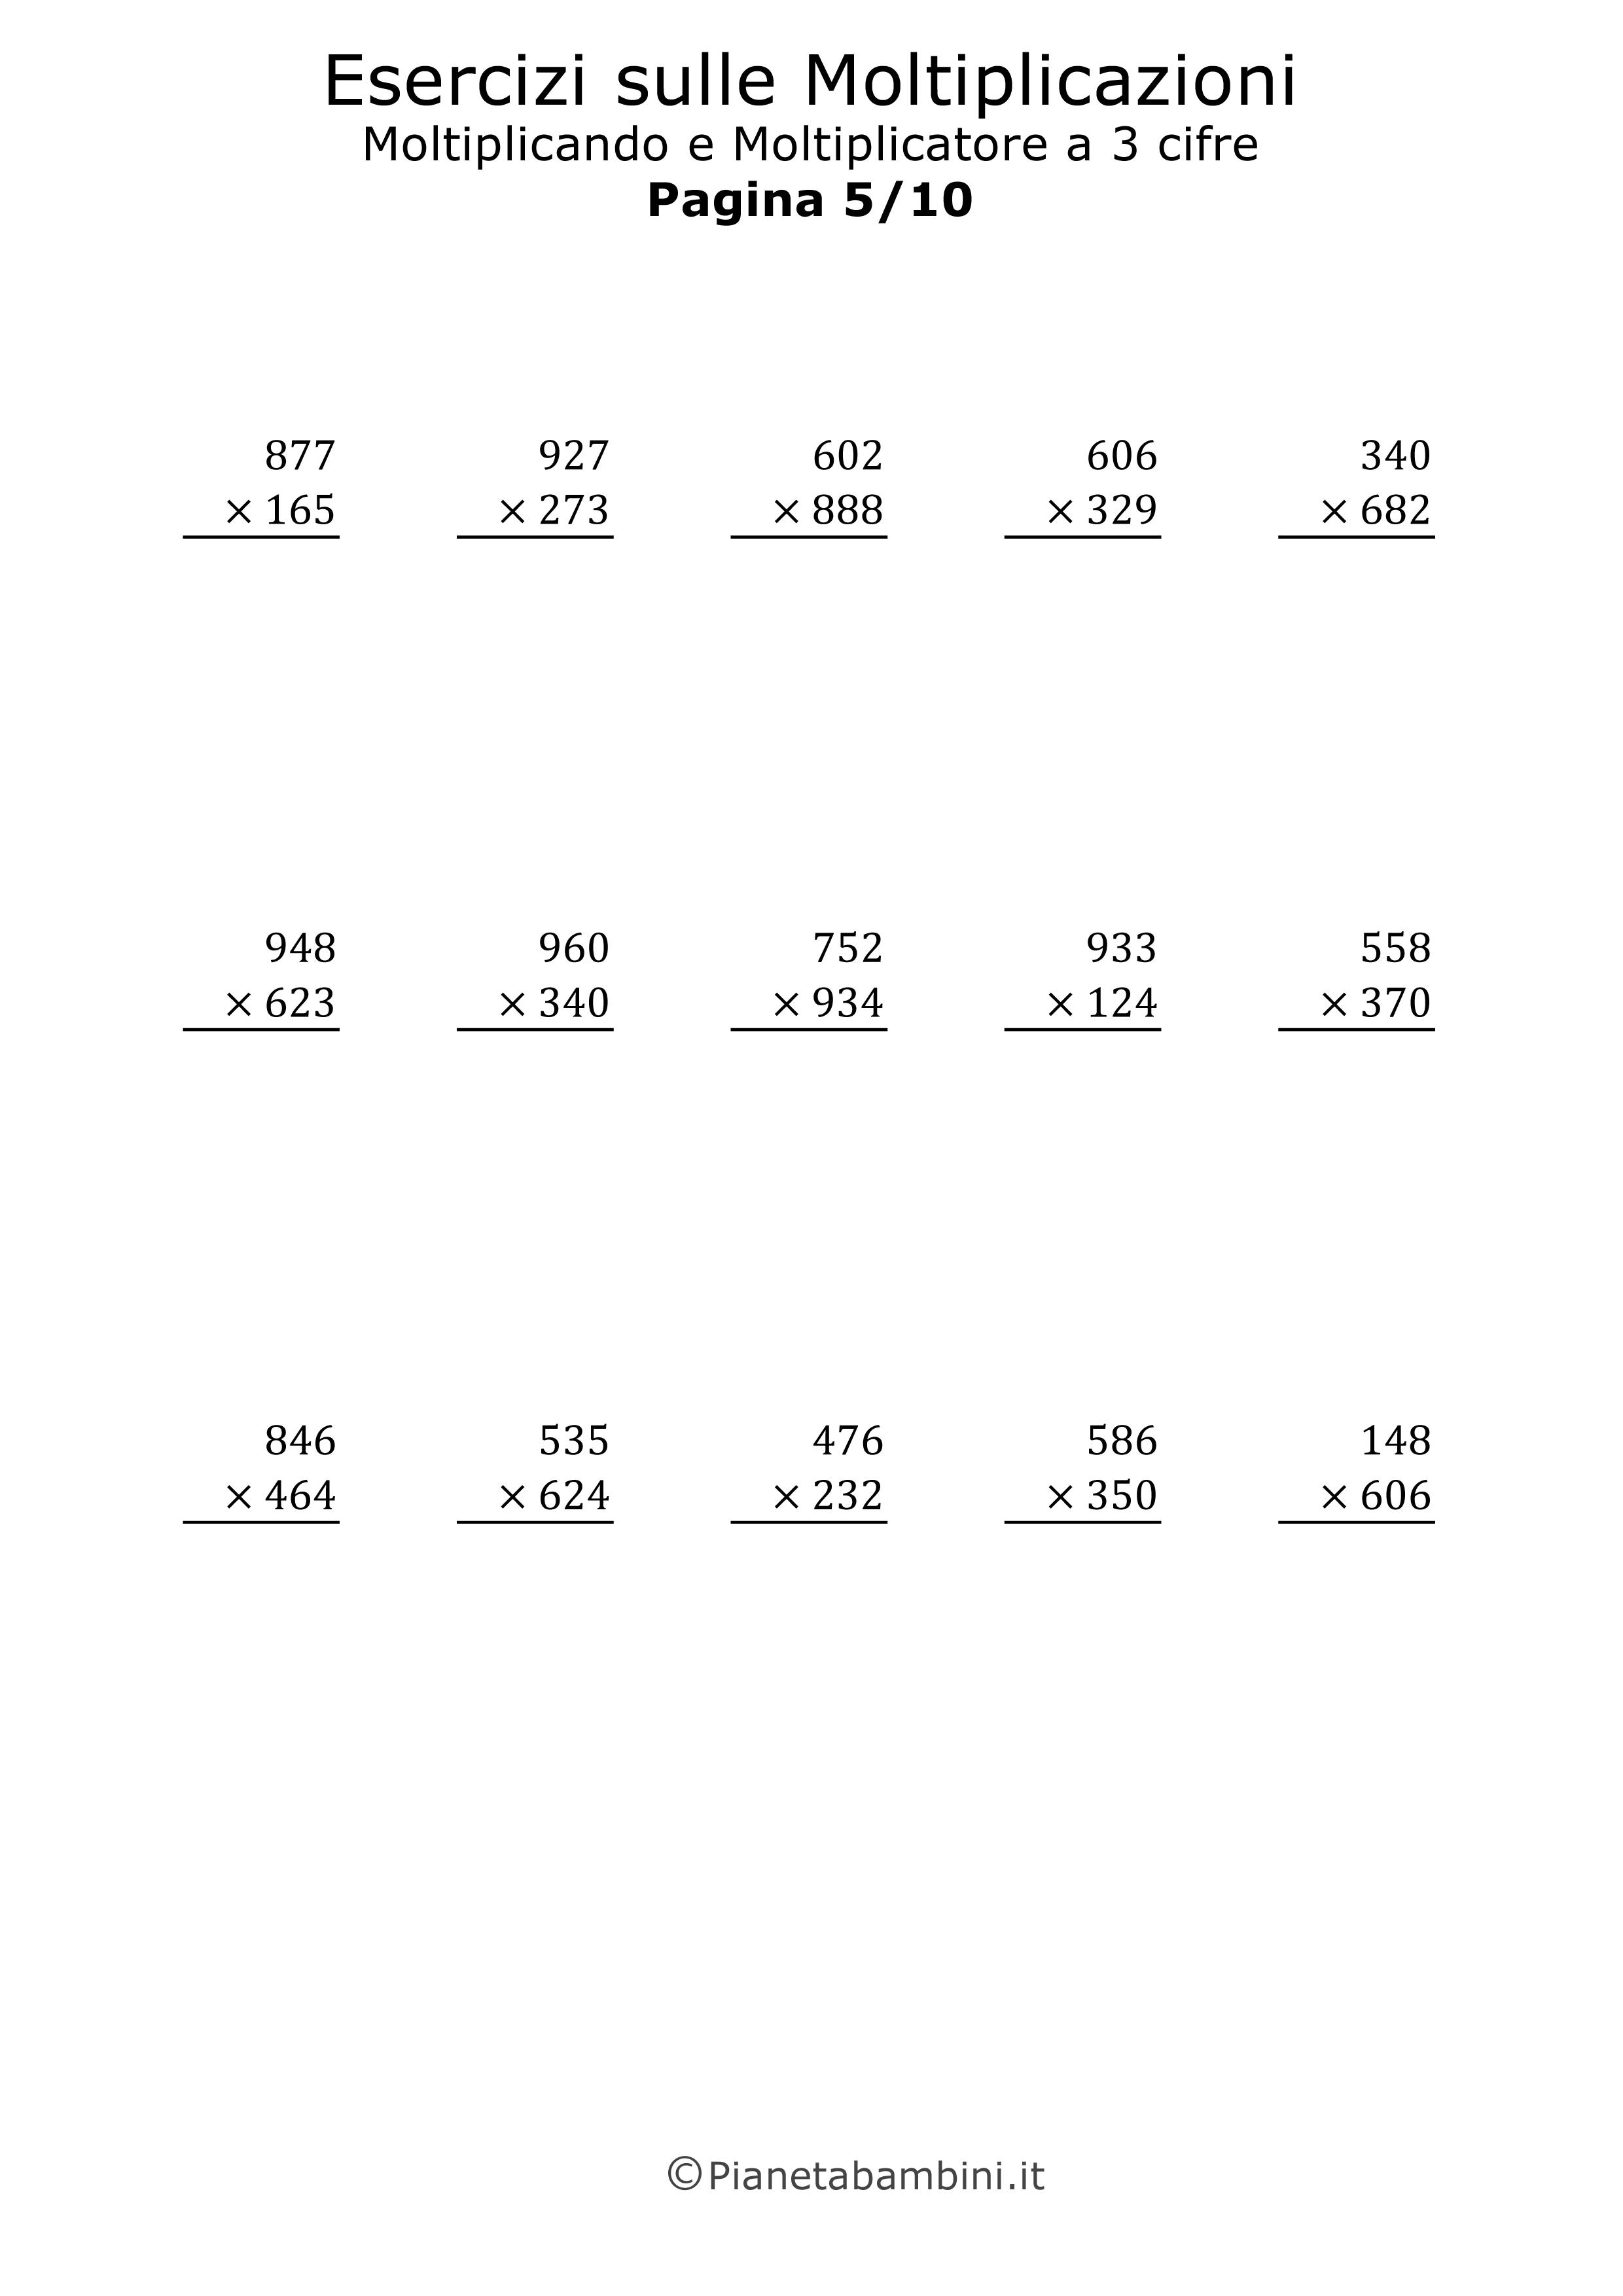 Esercizi-Moltiplicazioni-3-Cifre_05